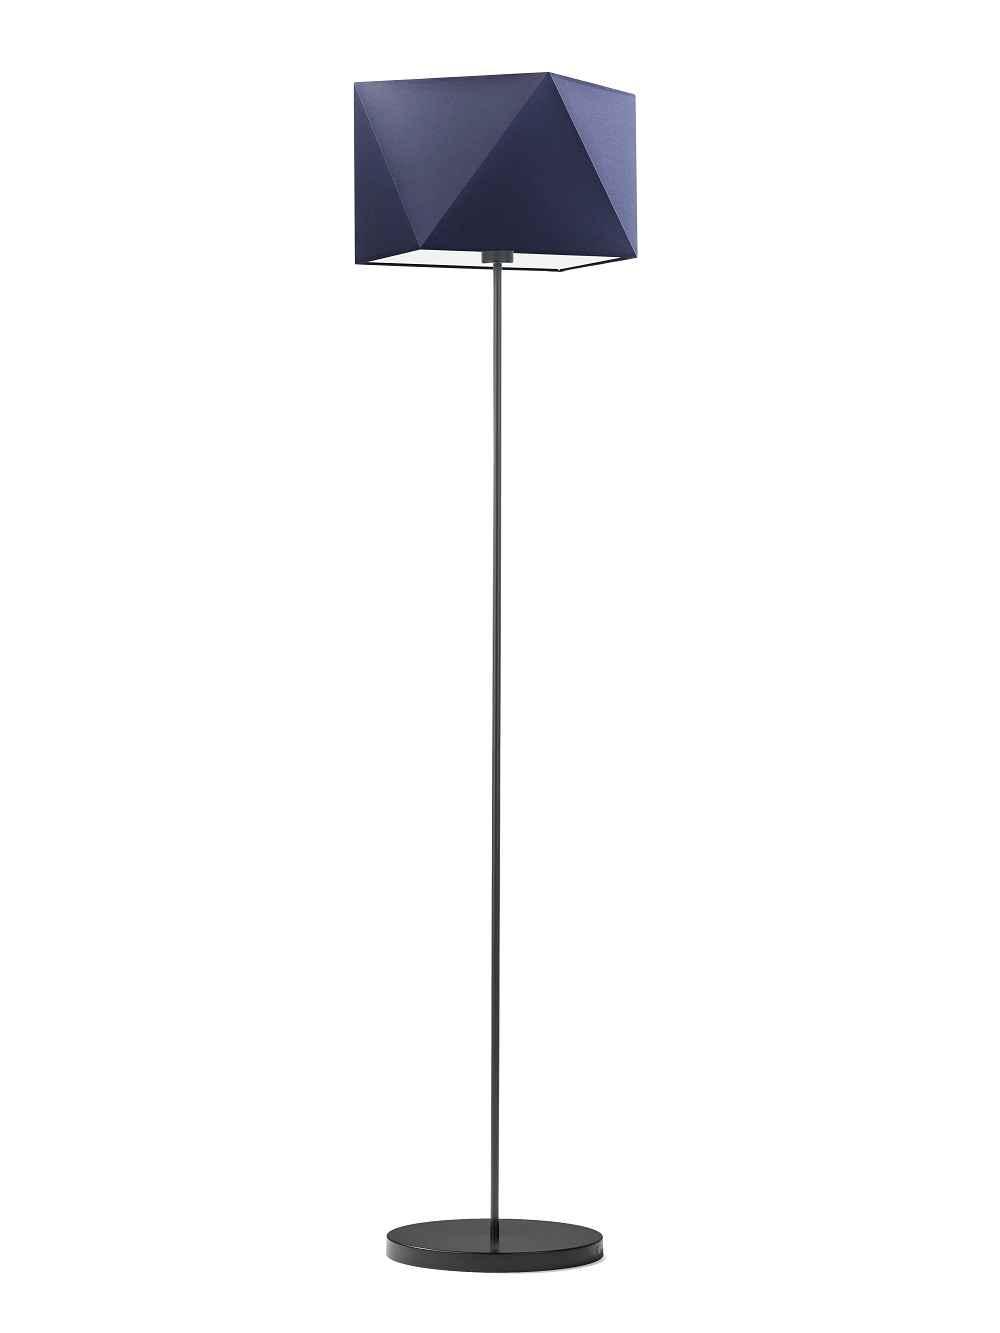 Lampa stojąca abażurowa diament BURNE! Częstochowa - zdjęcie 3